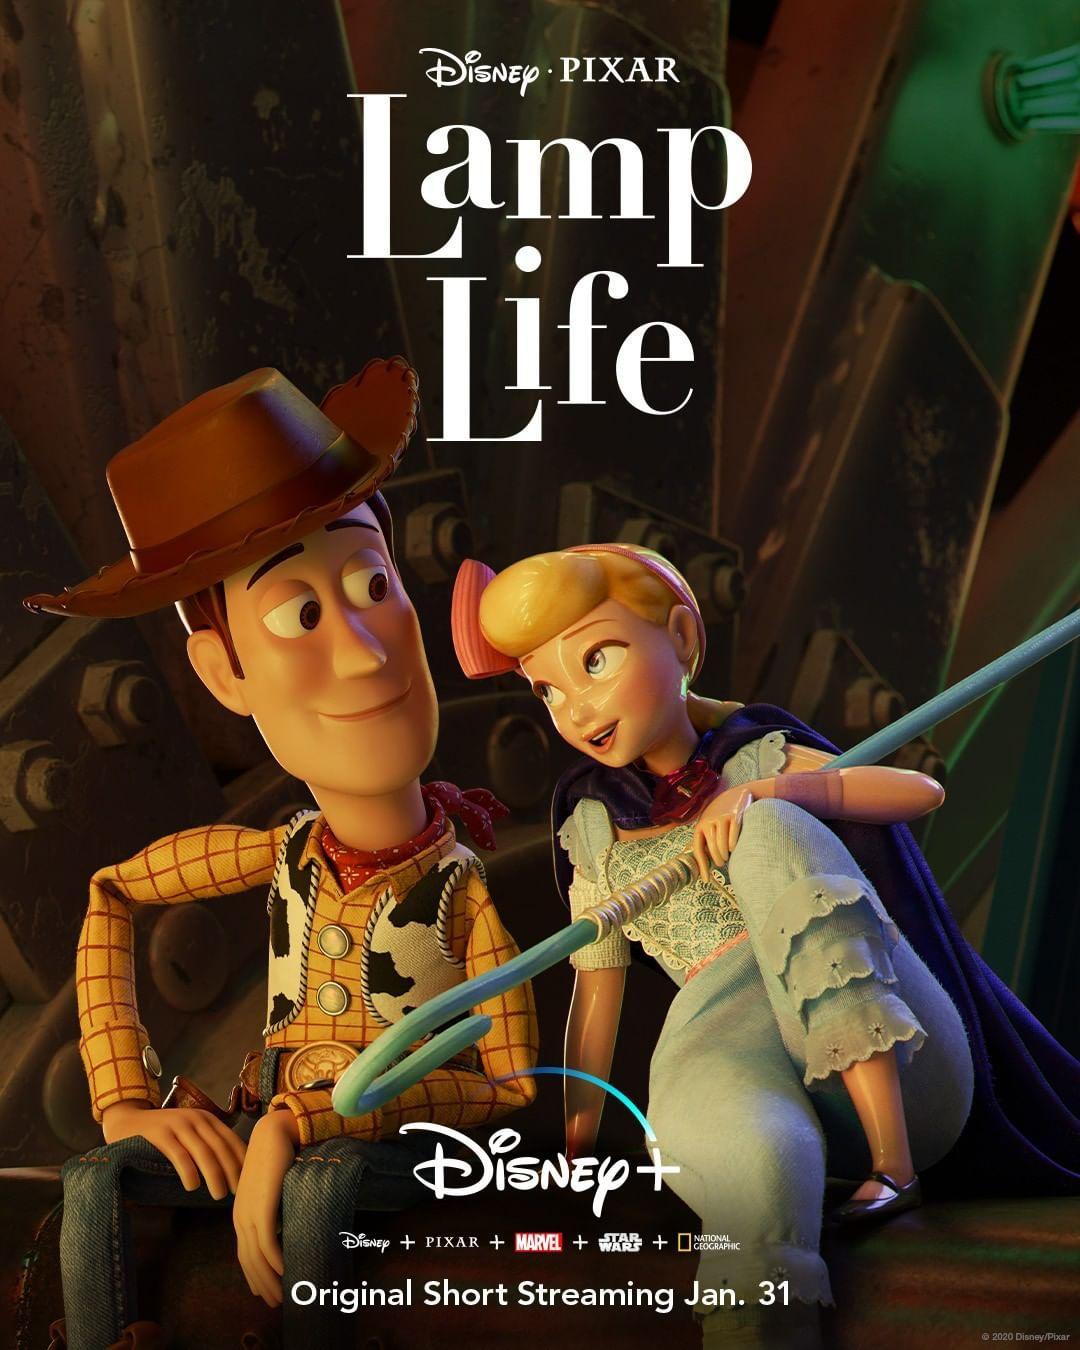 Disney On Instagram Bo Peep Has Her Own Toy Story To Tell Start Streaming Lamp Life An Original S En 2020 Peliculas Completas Pelicula Toy Story Peliculas En Linea